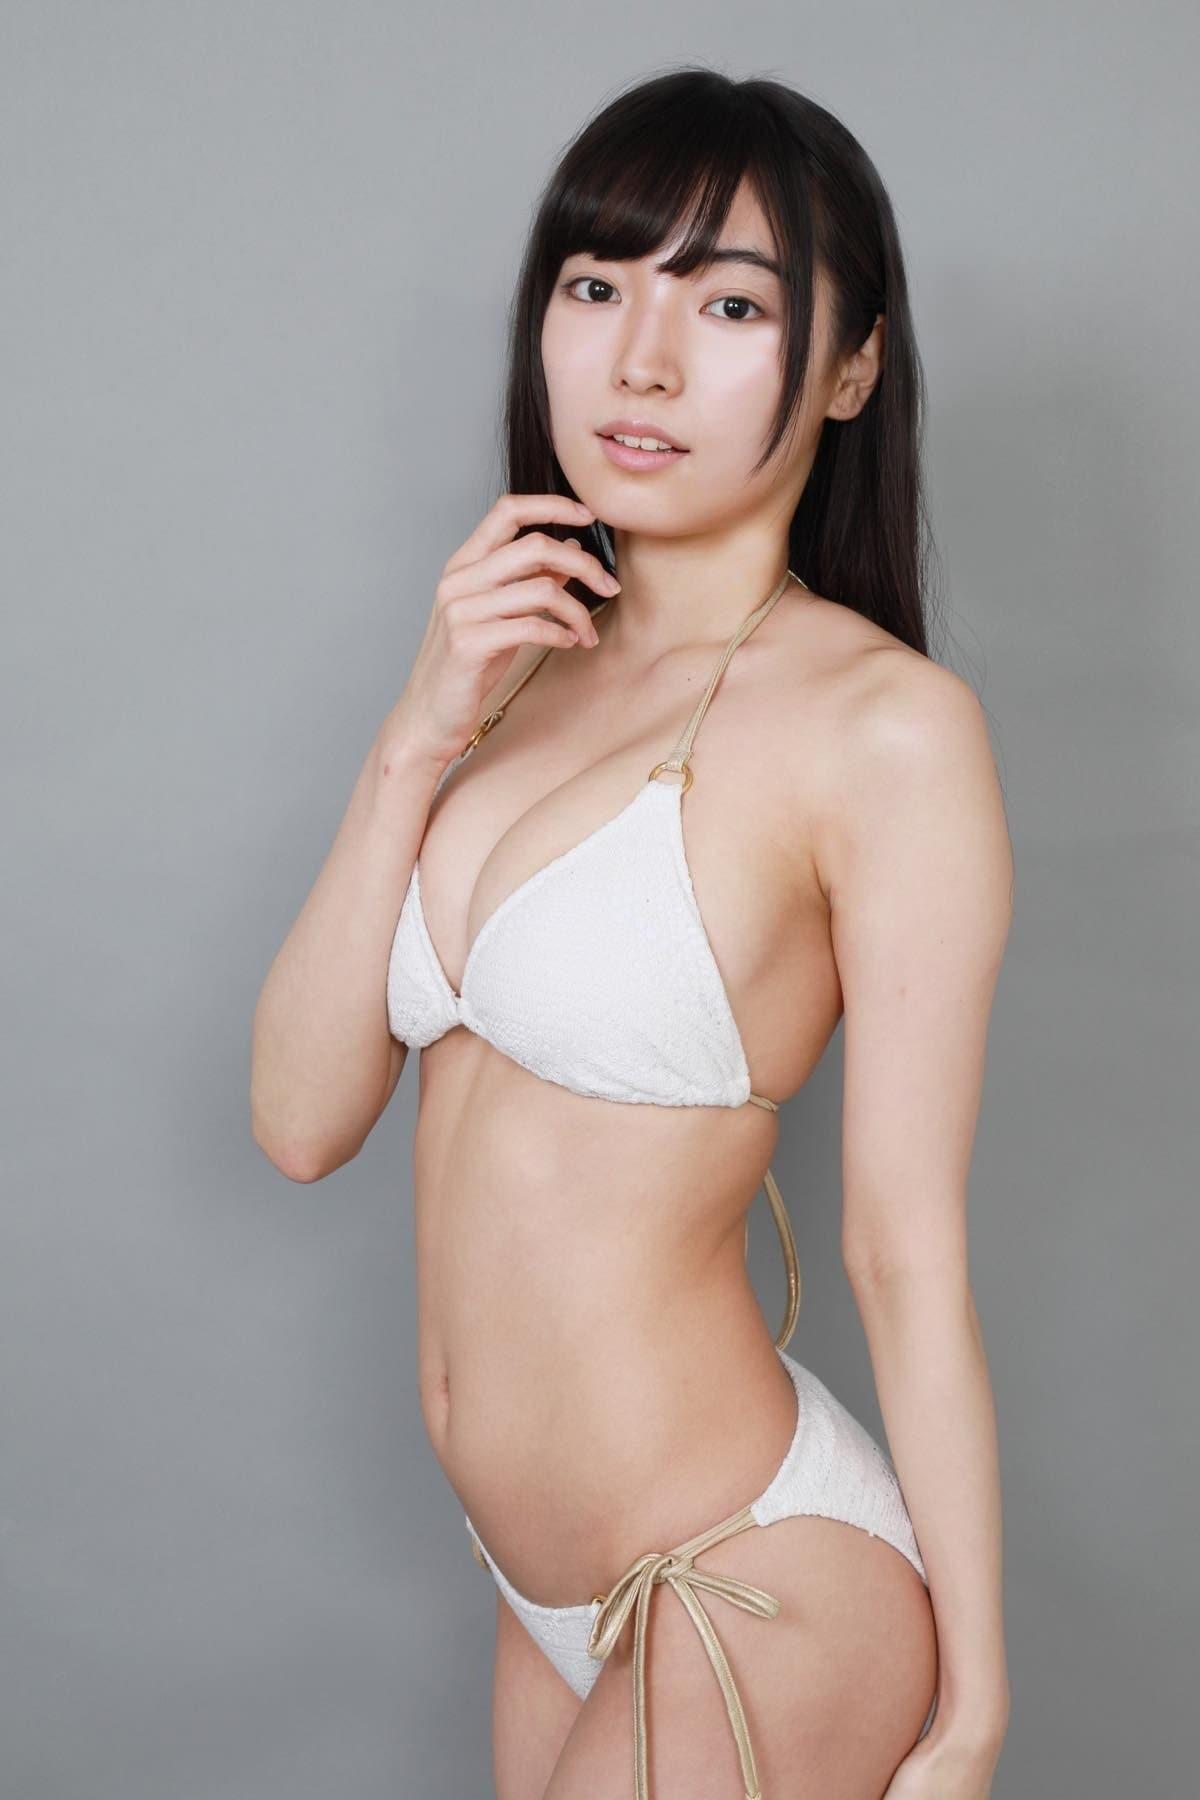 桜田愛音のグラビア水着ビキニ画像0021